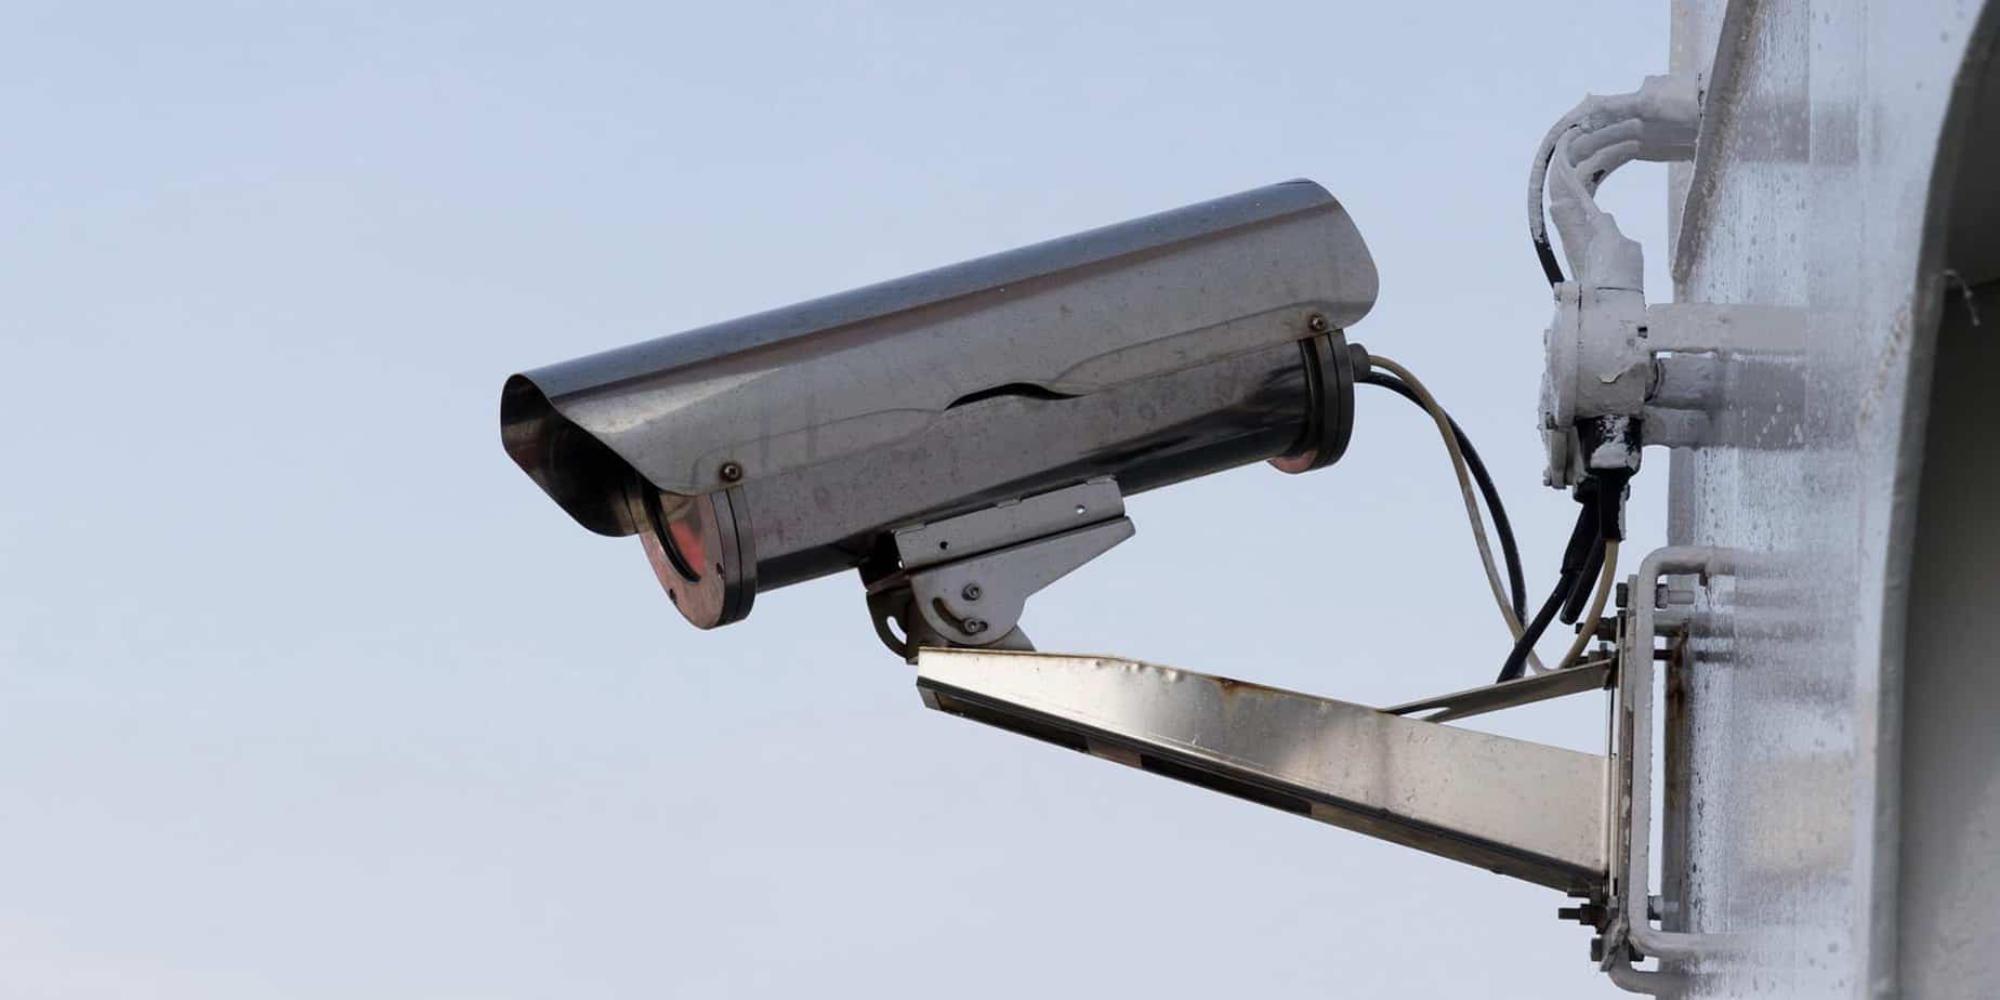 Comment choisir son système de surveillance?